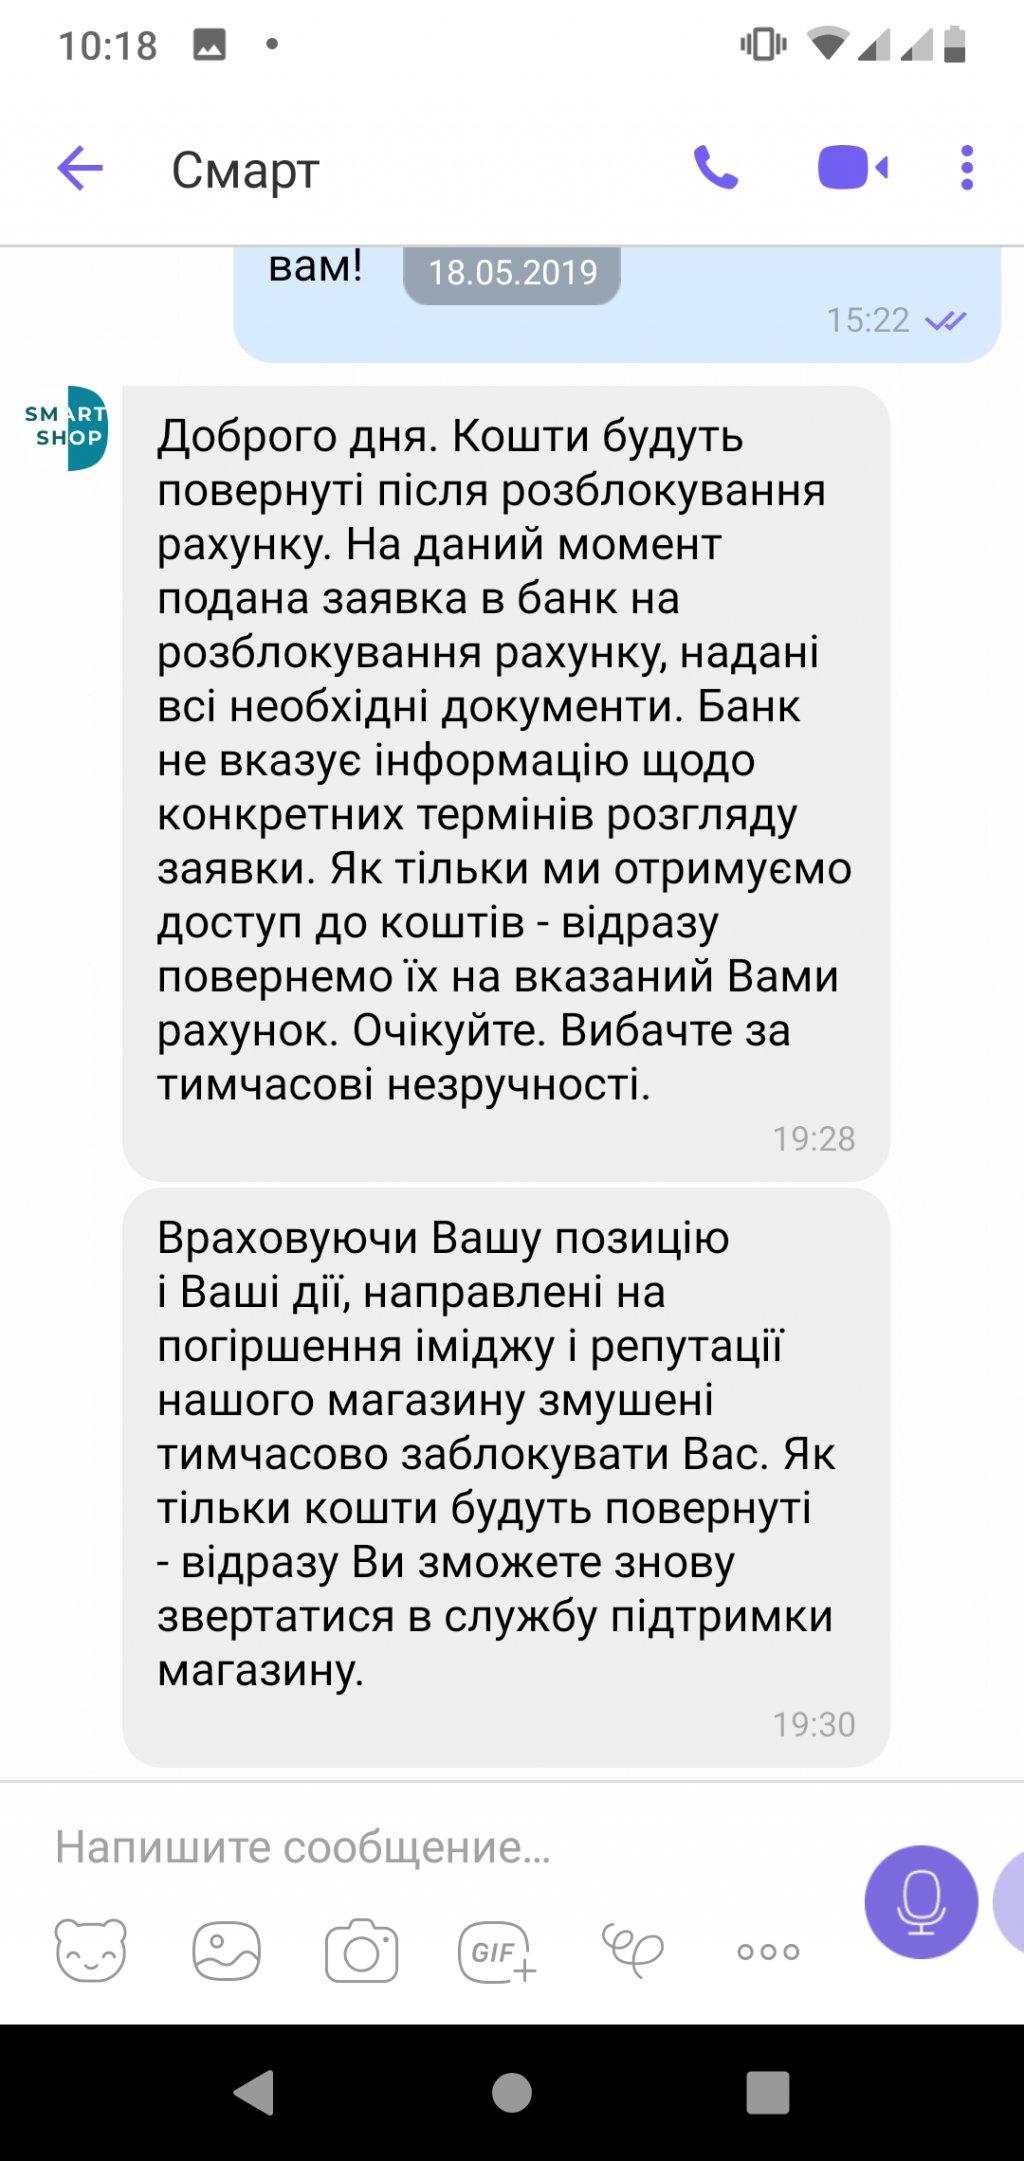 smart-shop.biz.ua интернет-магазин - Мошенники в интернете